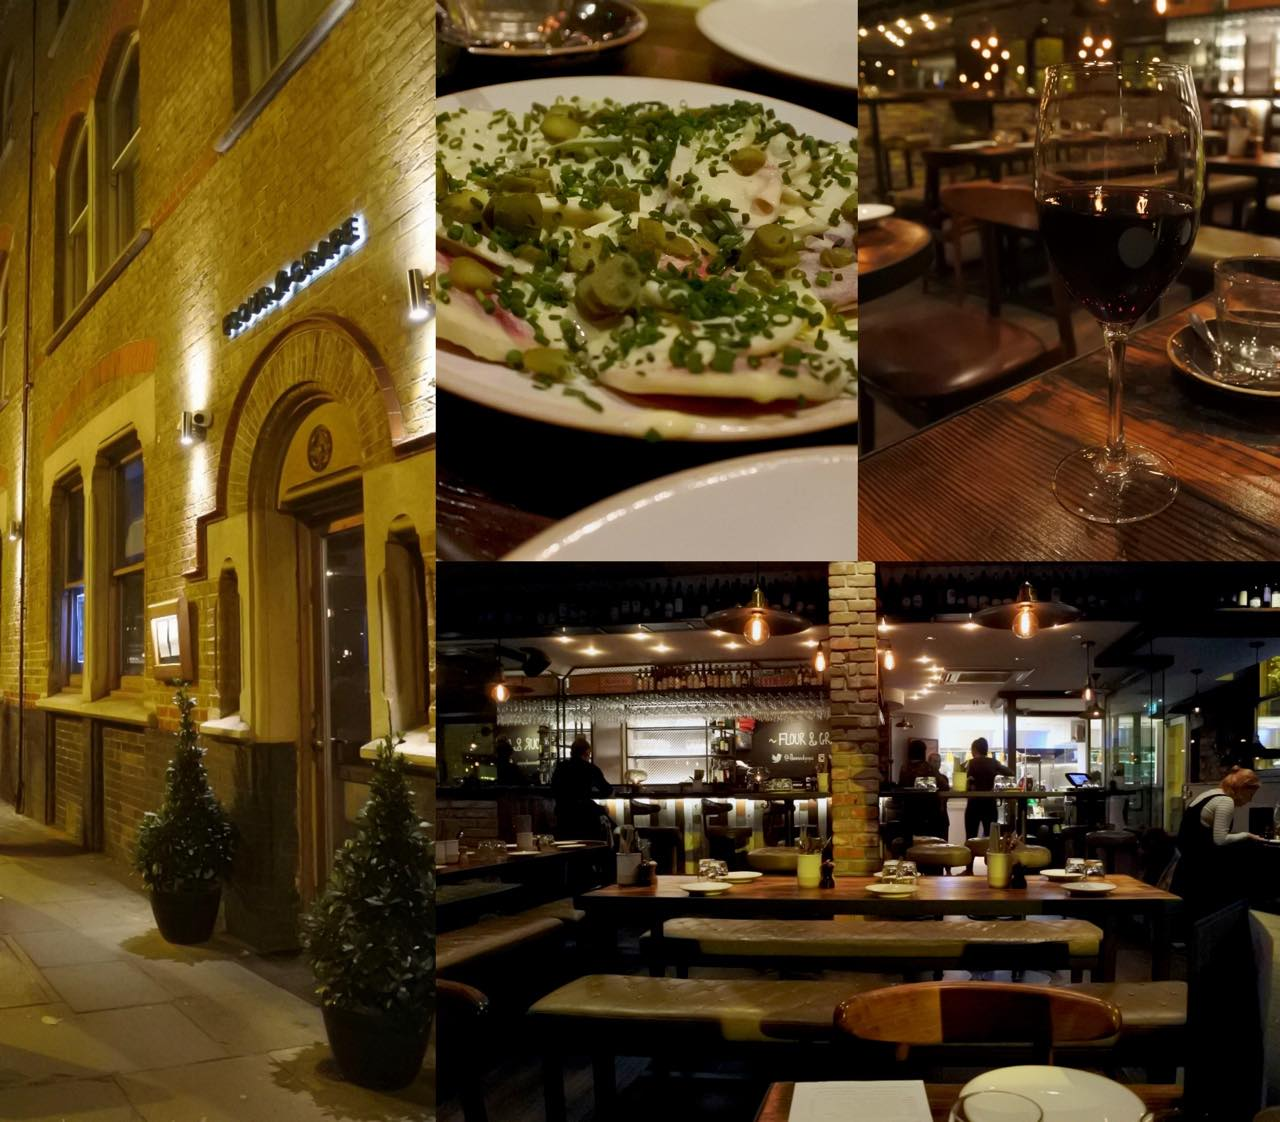 ここは昔、Anticoっていうレストランがあった場所。あそこも好きだったけれど・・・時代の移り変わりが早いですね〜